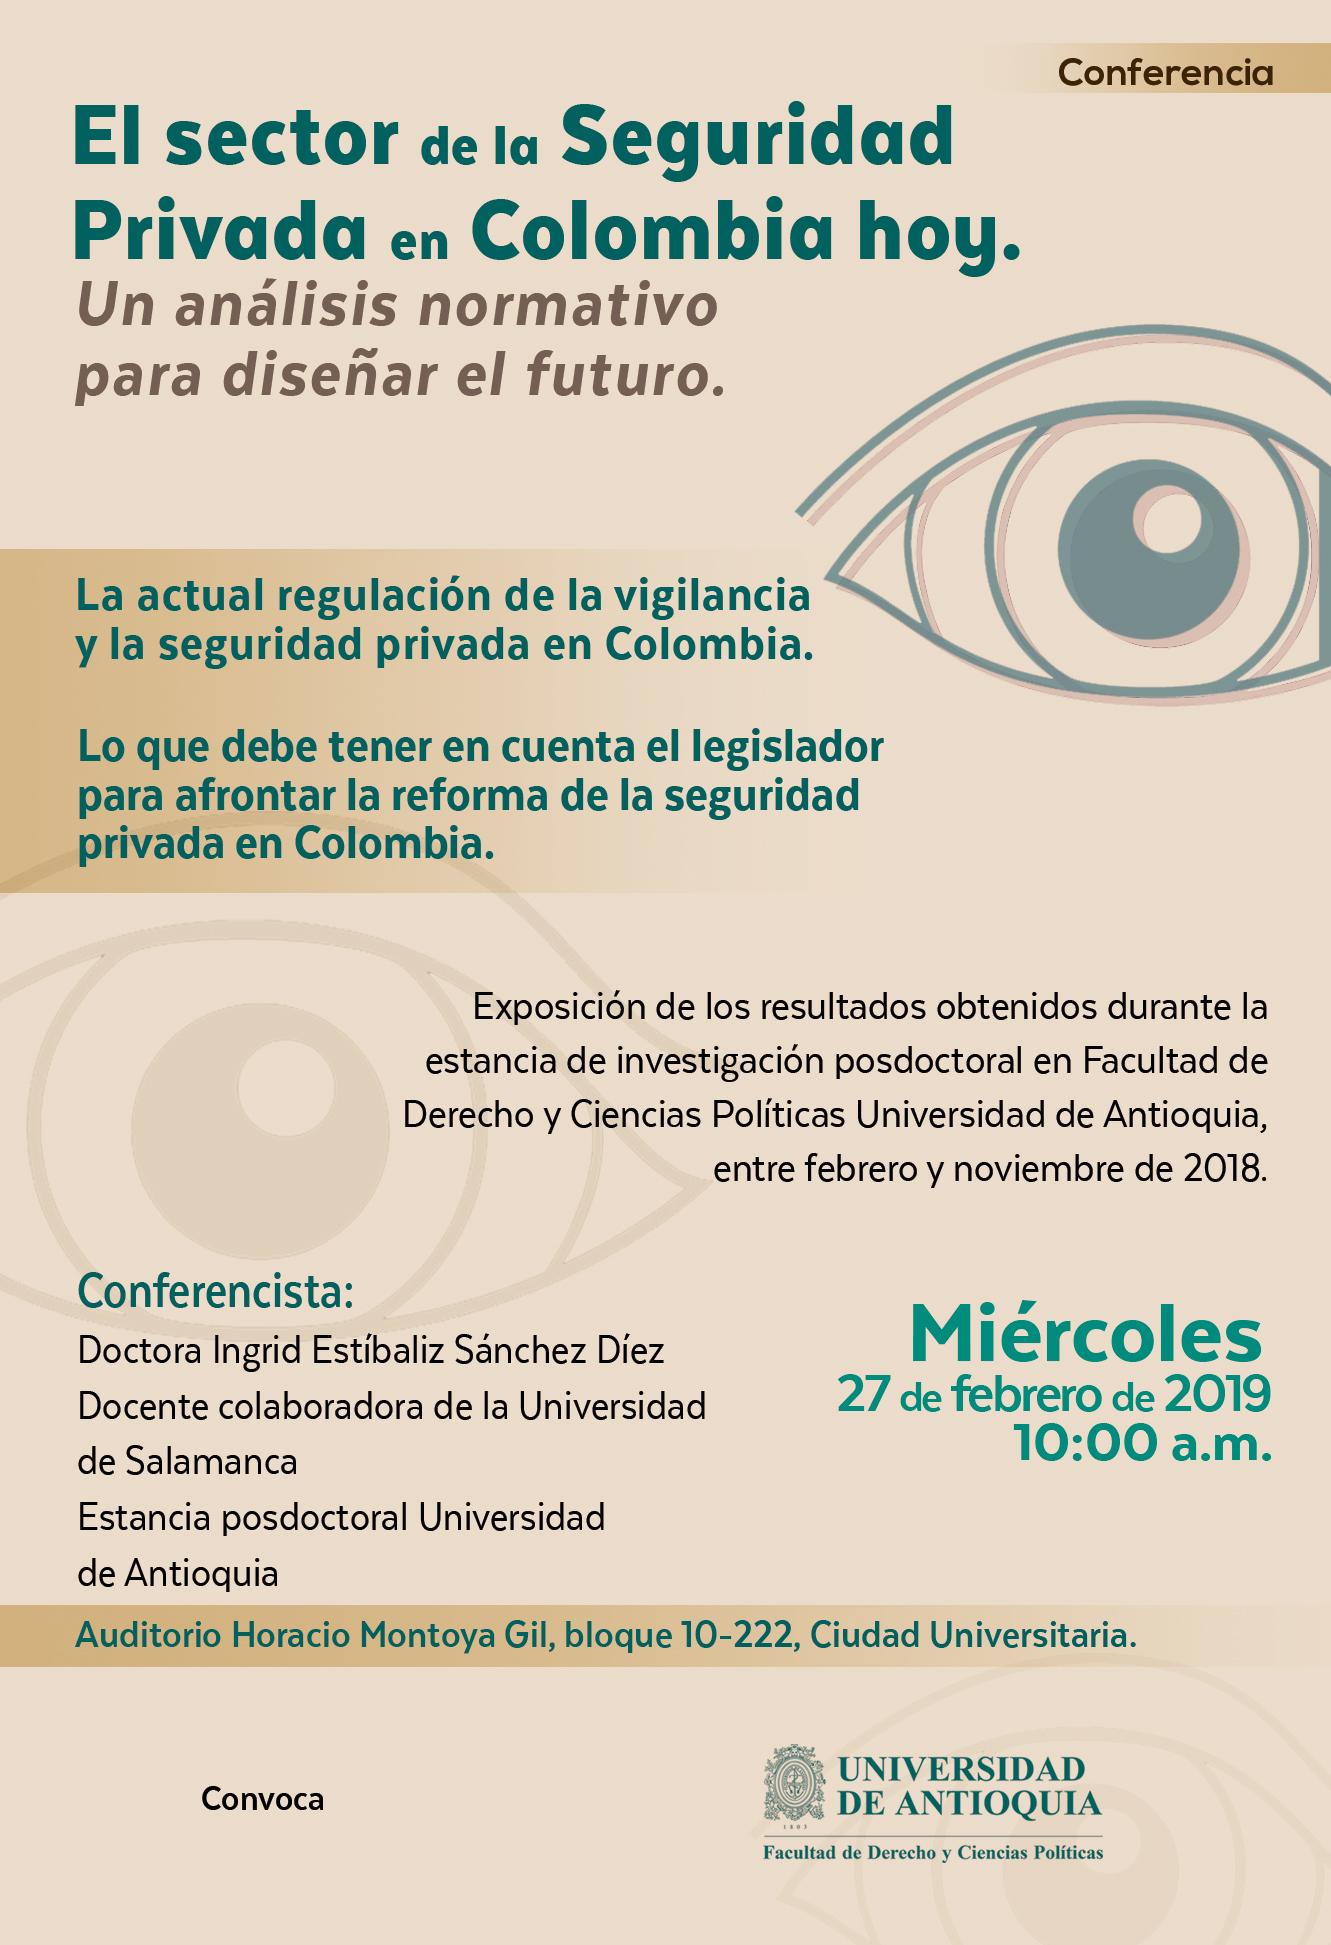 El sector de la Seguridad Privada en Colombia hoy